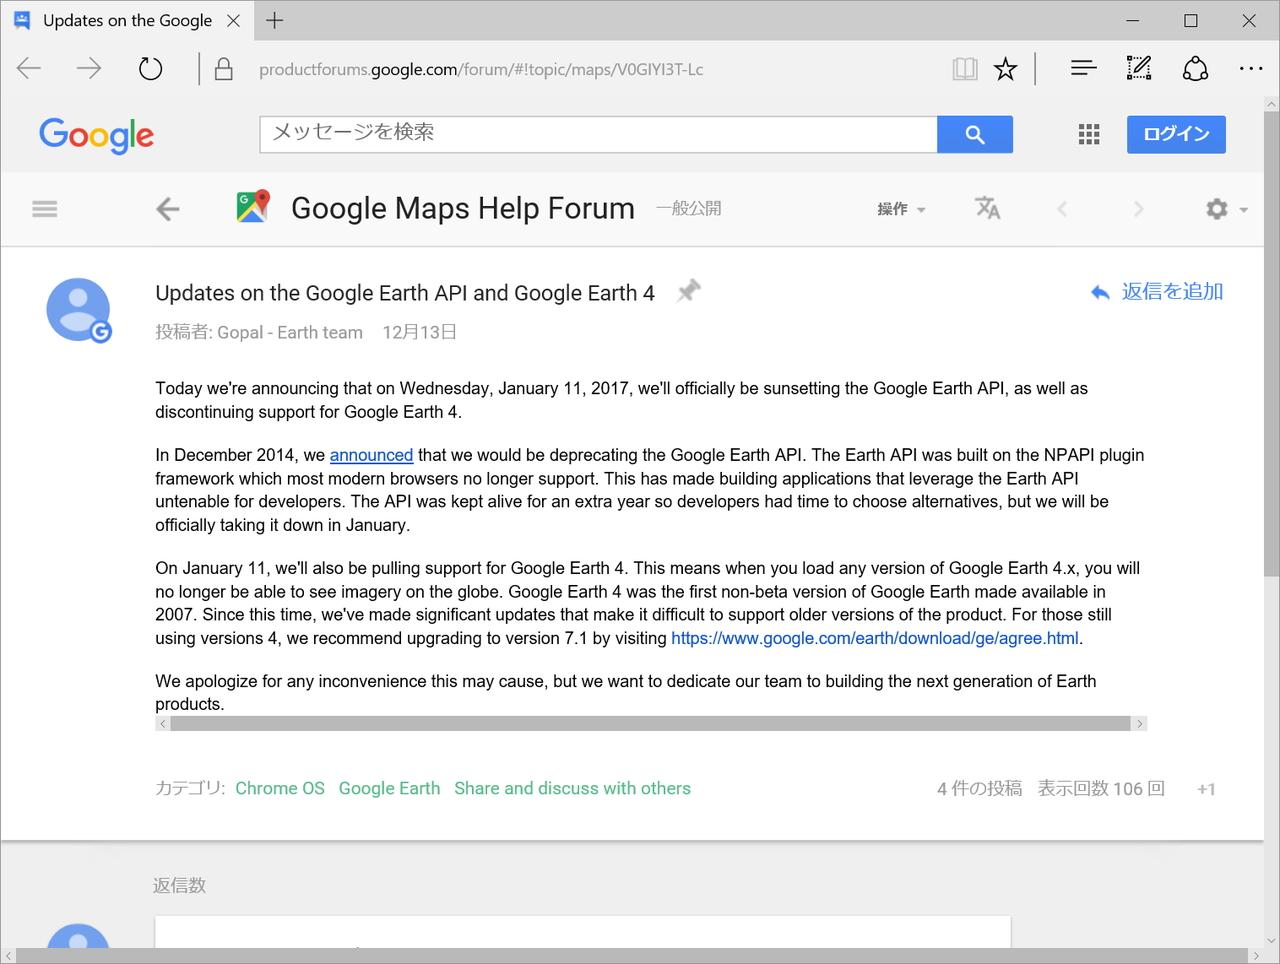 Googleのプロダクトフォーラム